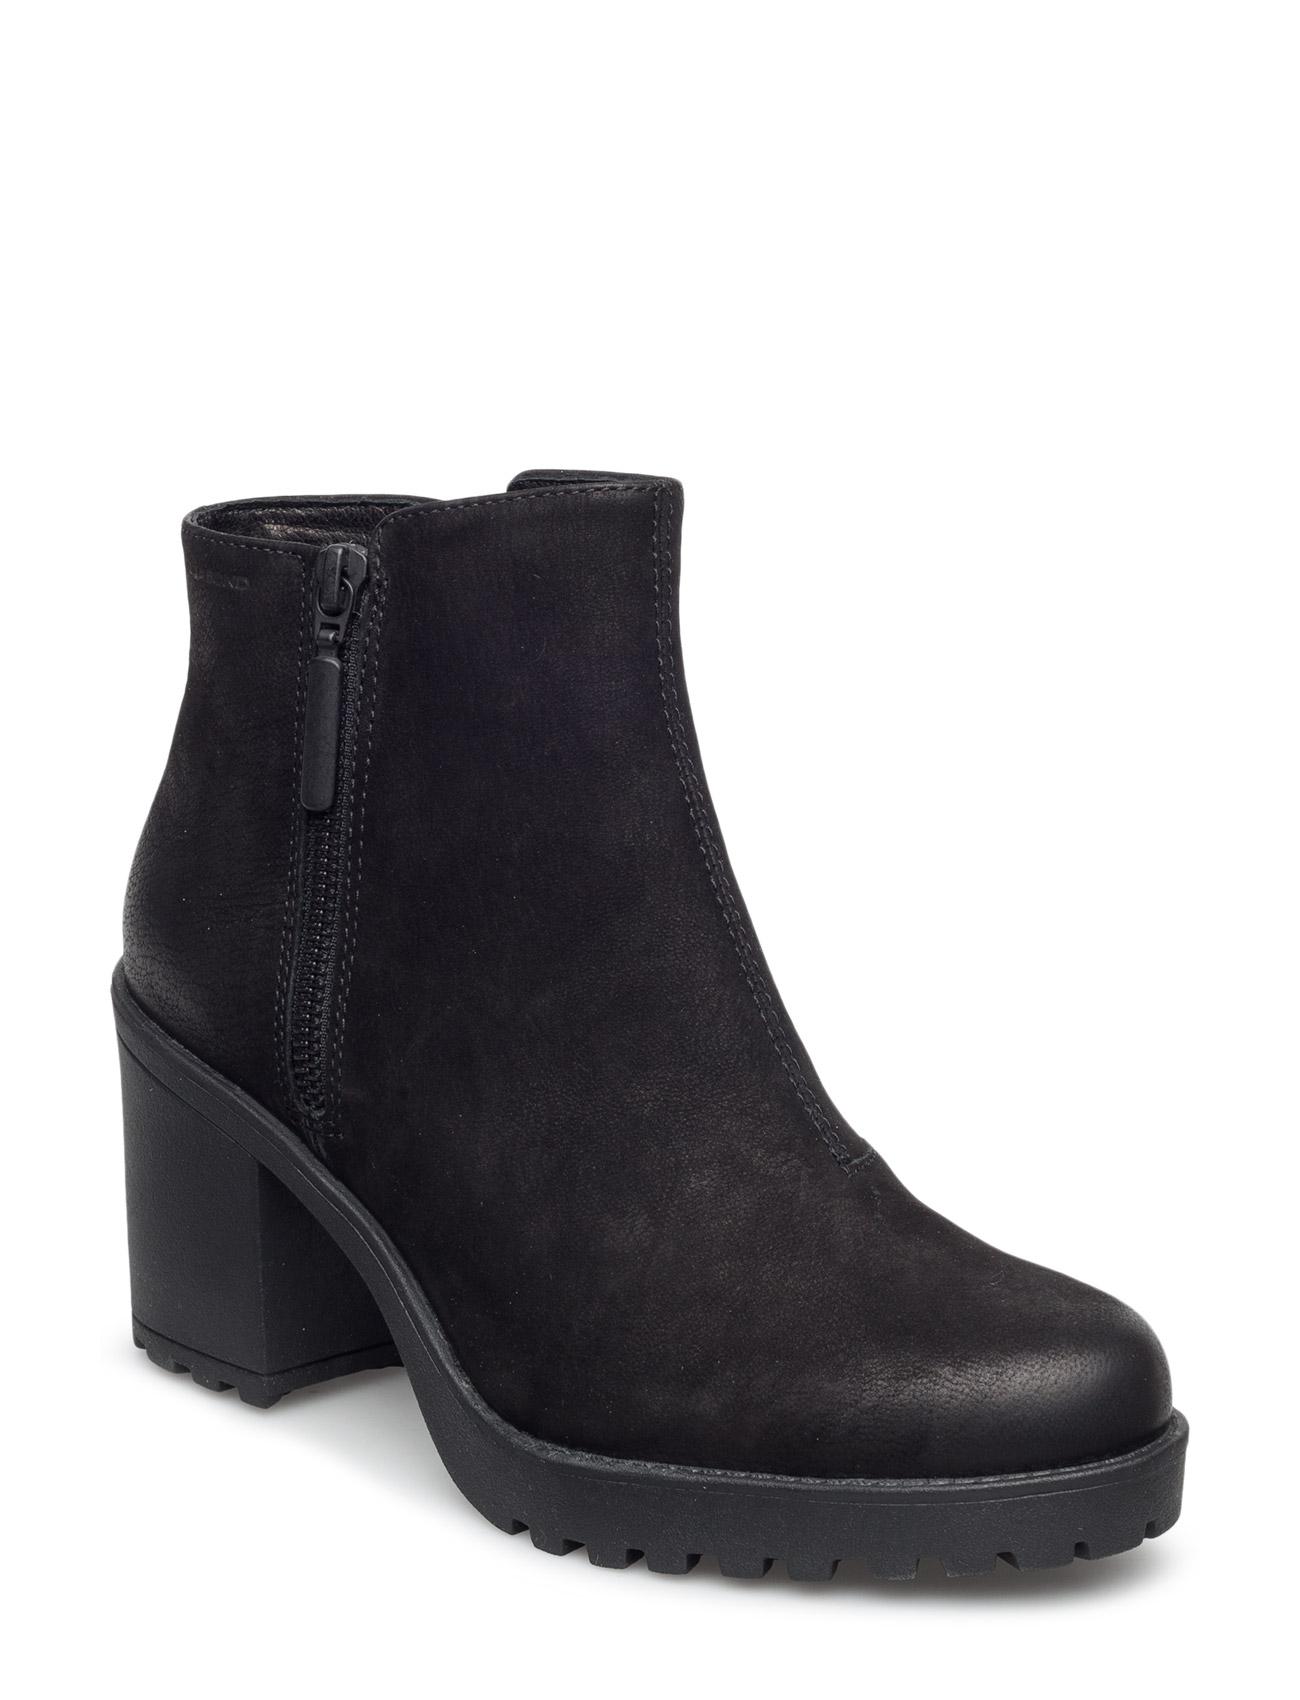 Grace VAGABOND Støvler til Kvinder i Sort